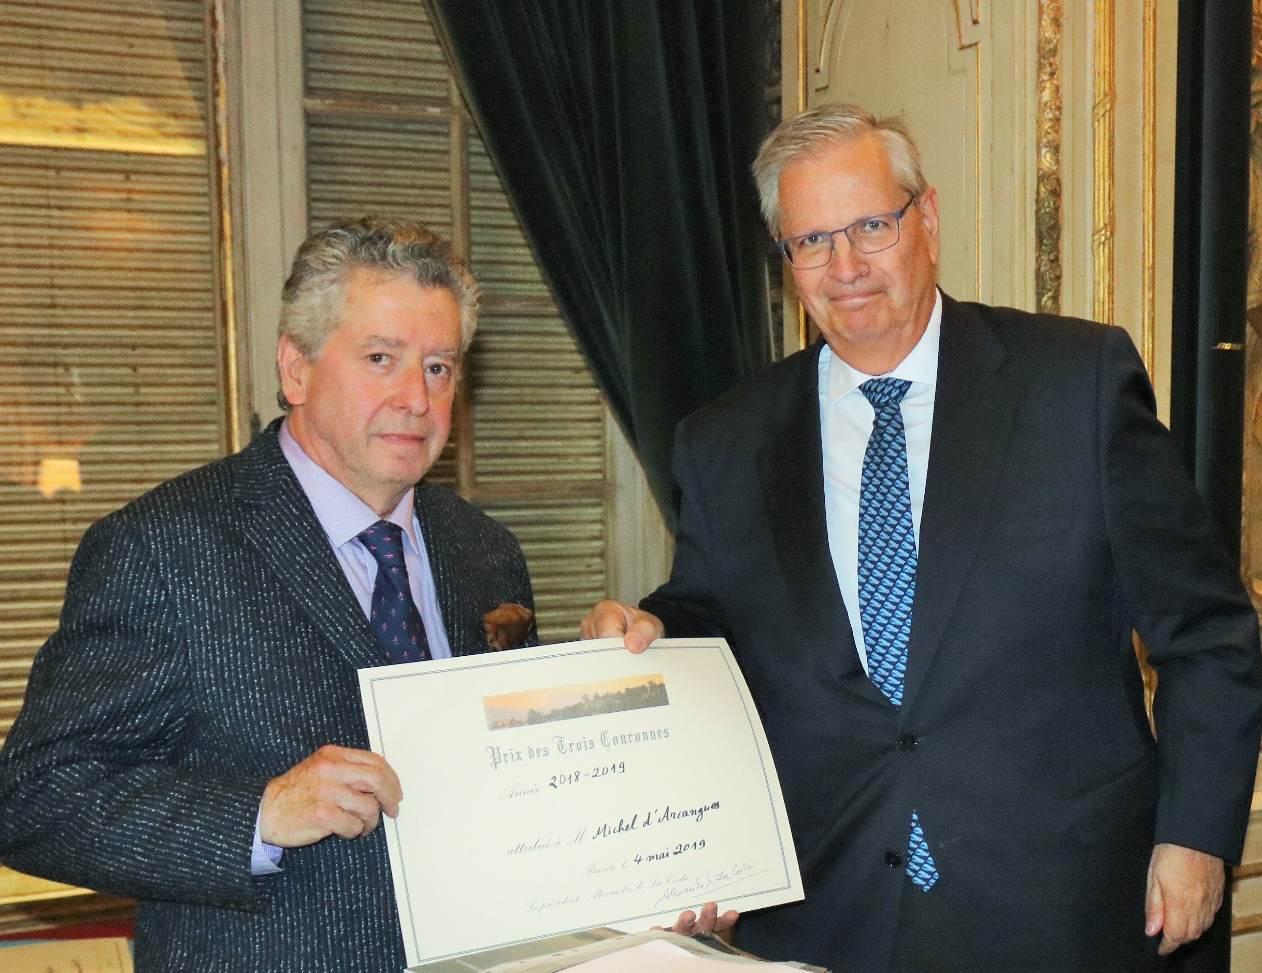 Après les « Trois Couronnes », Michel d'Arcangues reçoit un nouveau prix littéraire